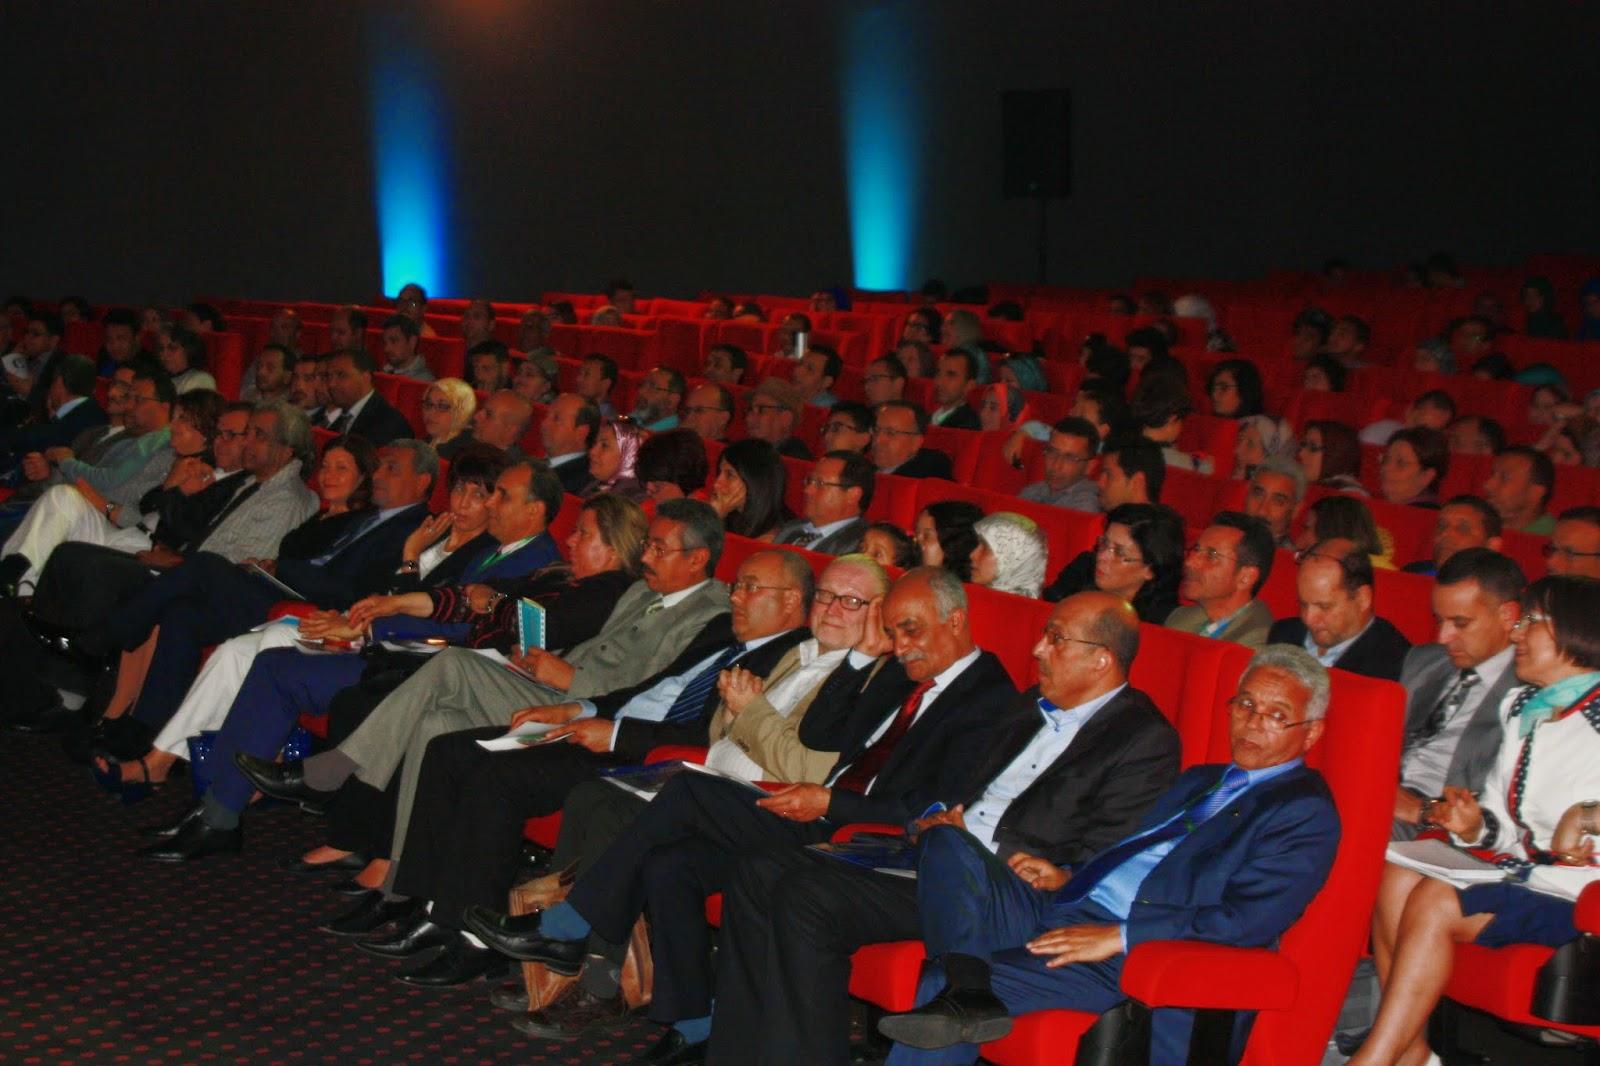 فعاليات اليوم الأول من المهرجان الوطني للفيلم التربوي بفاس